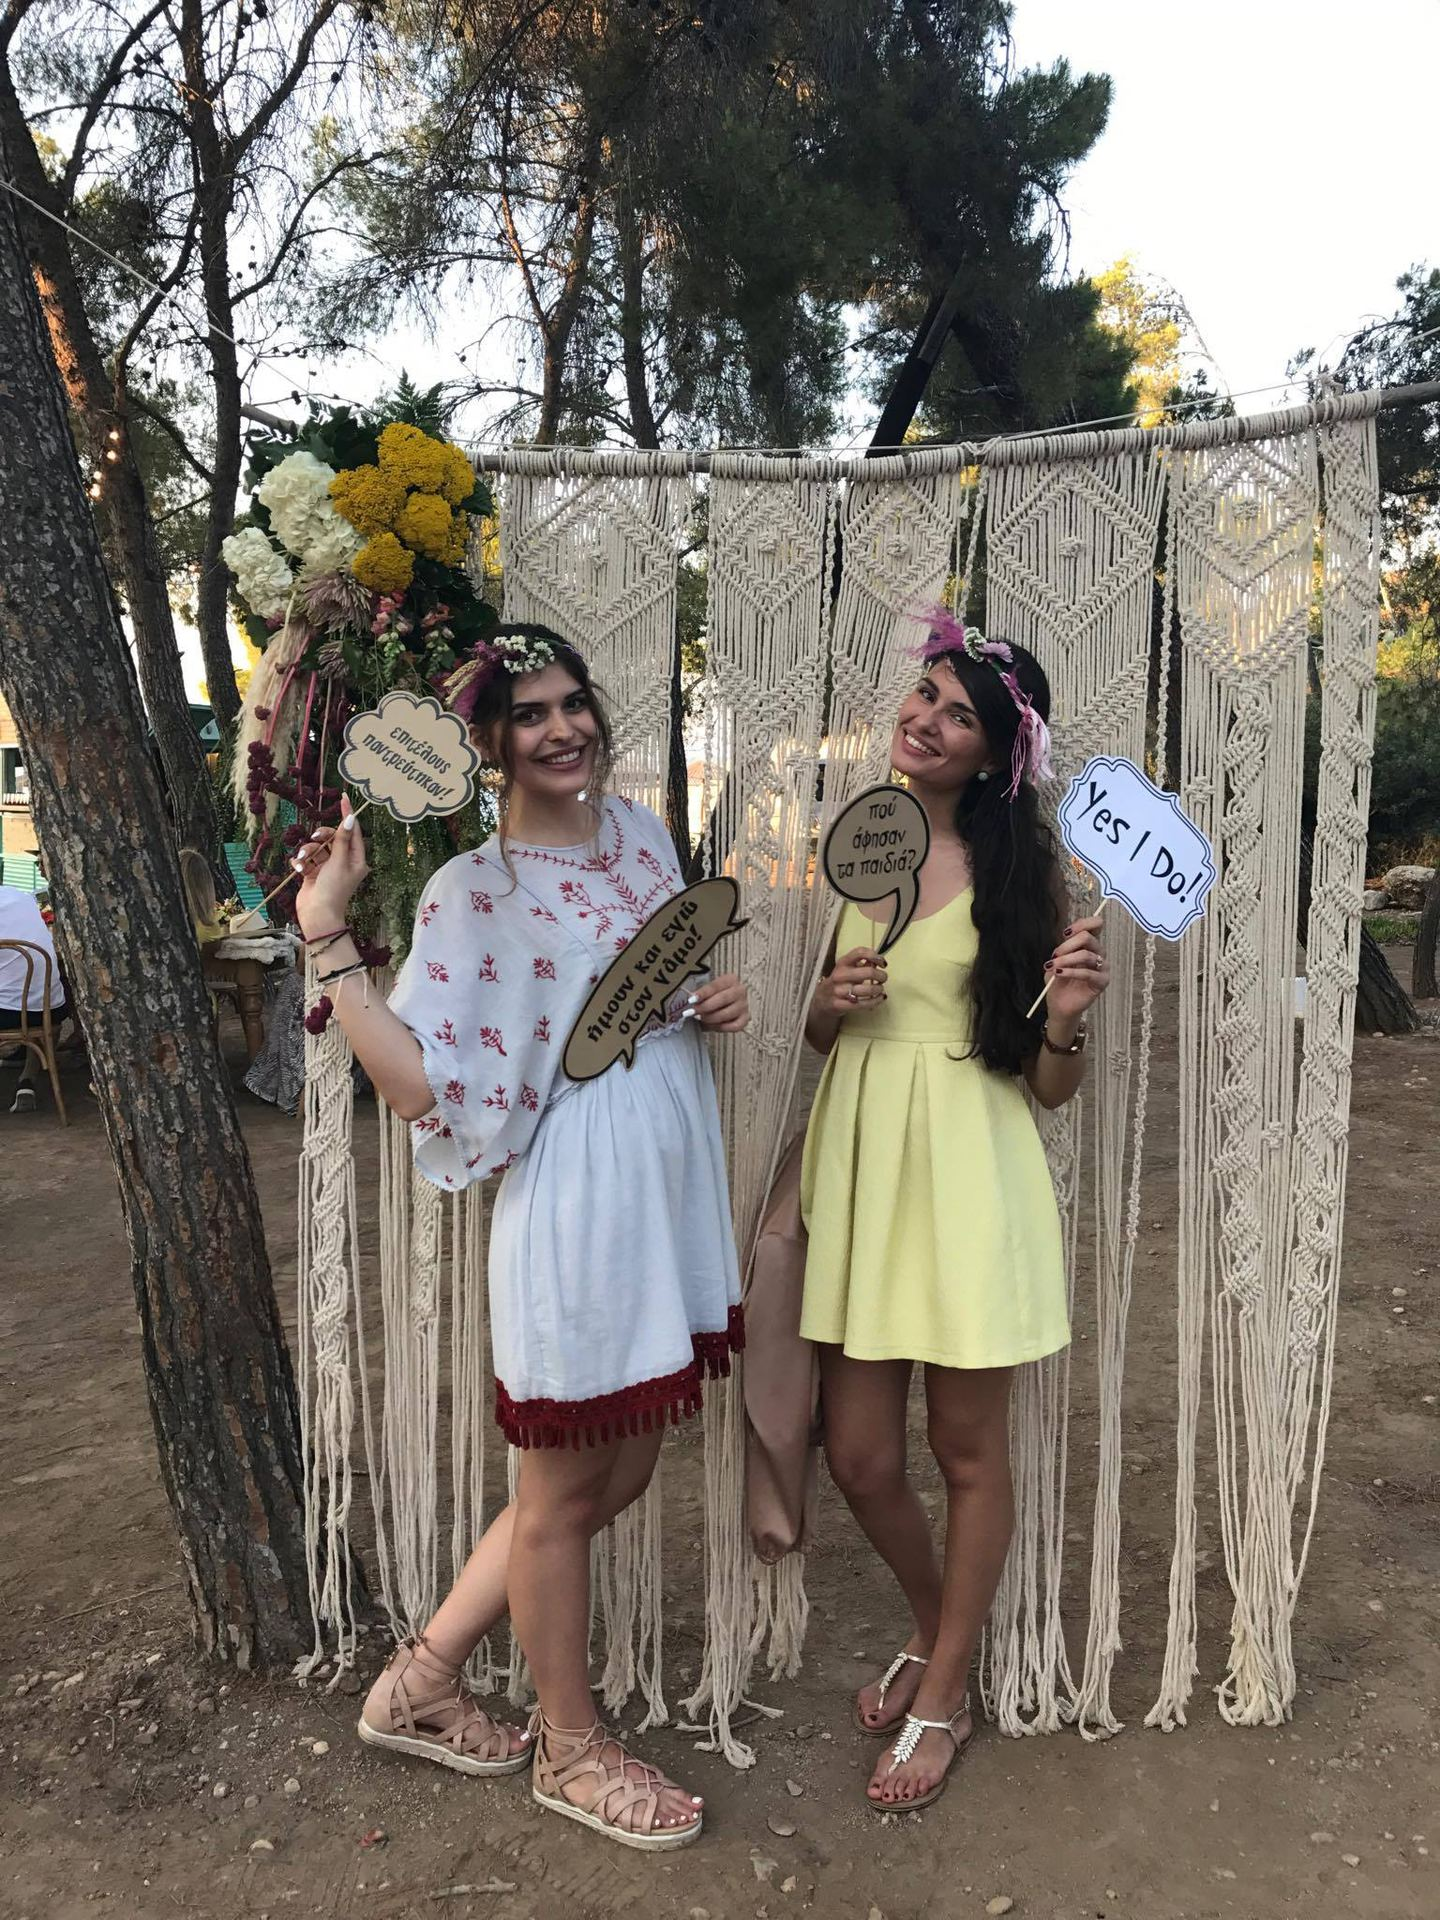 Νίκη Μουστάκα (Yes I do Beauty Editor) & Σοφία Ιωάννου (Yes I do Fashion Editor)